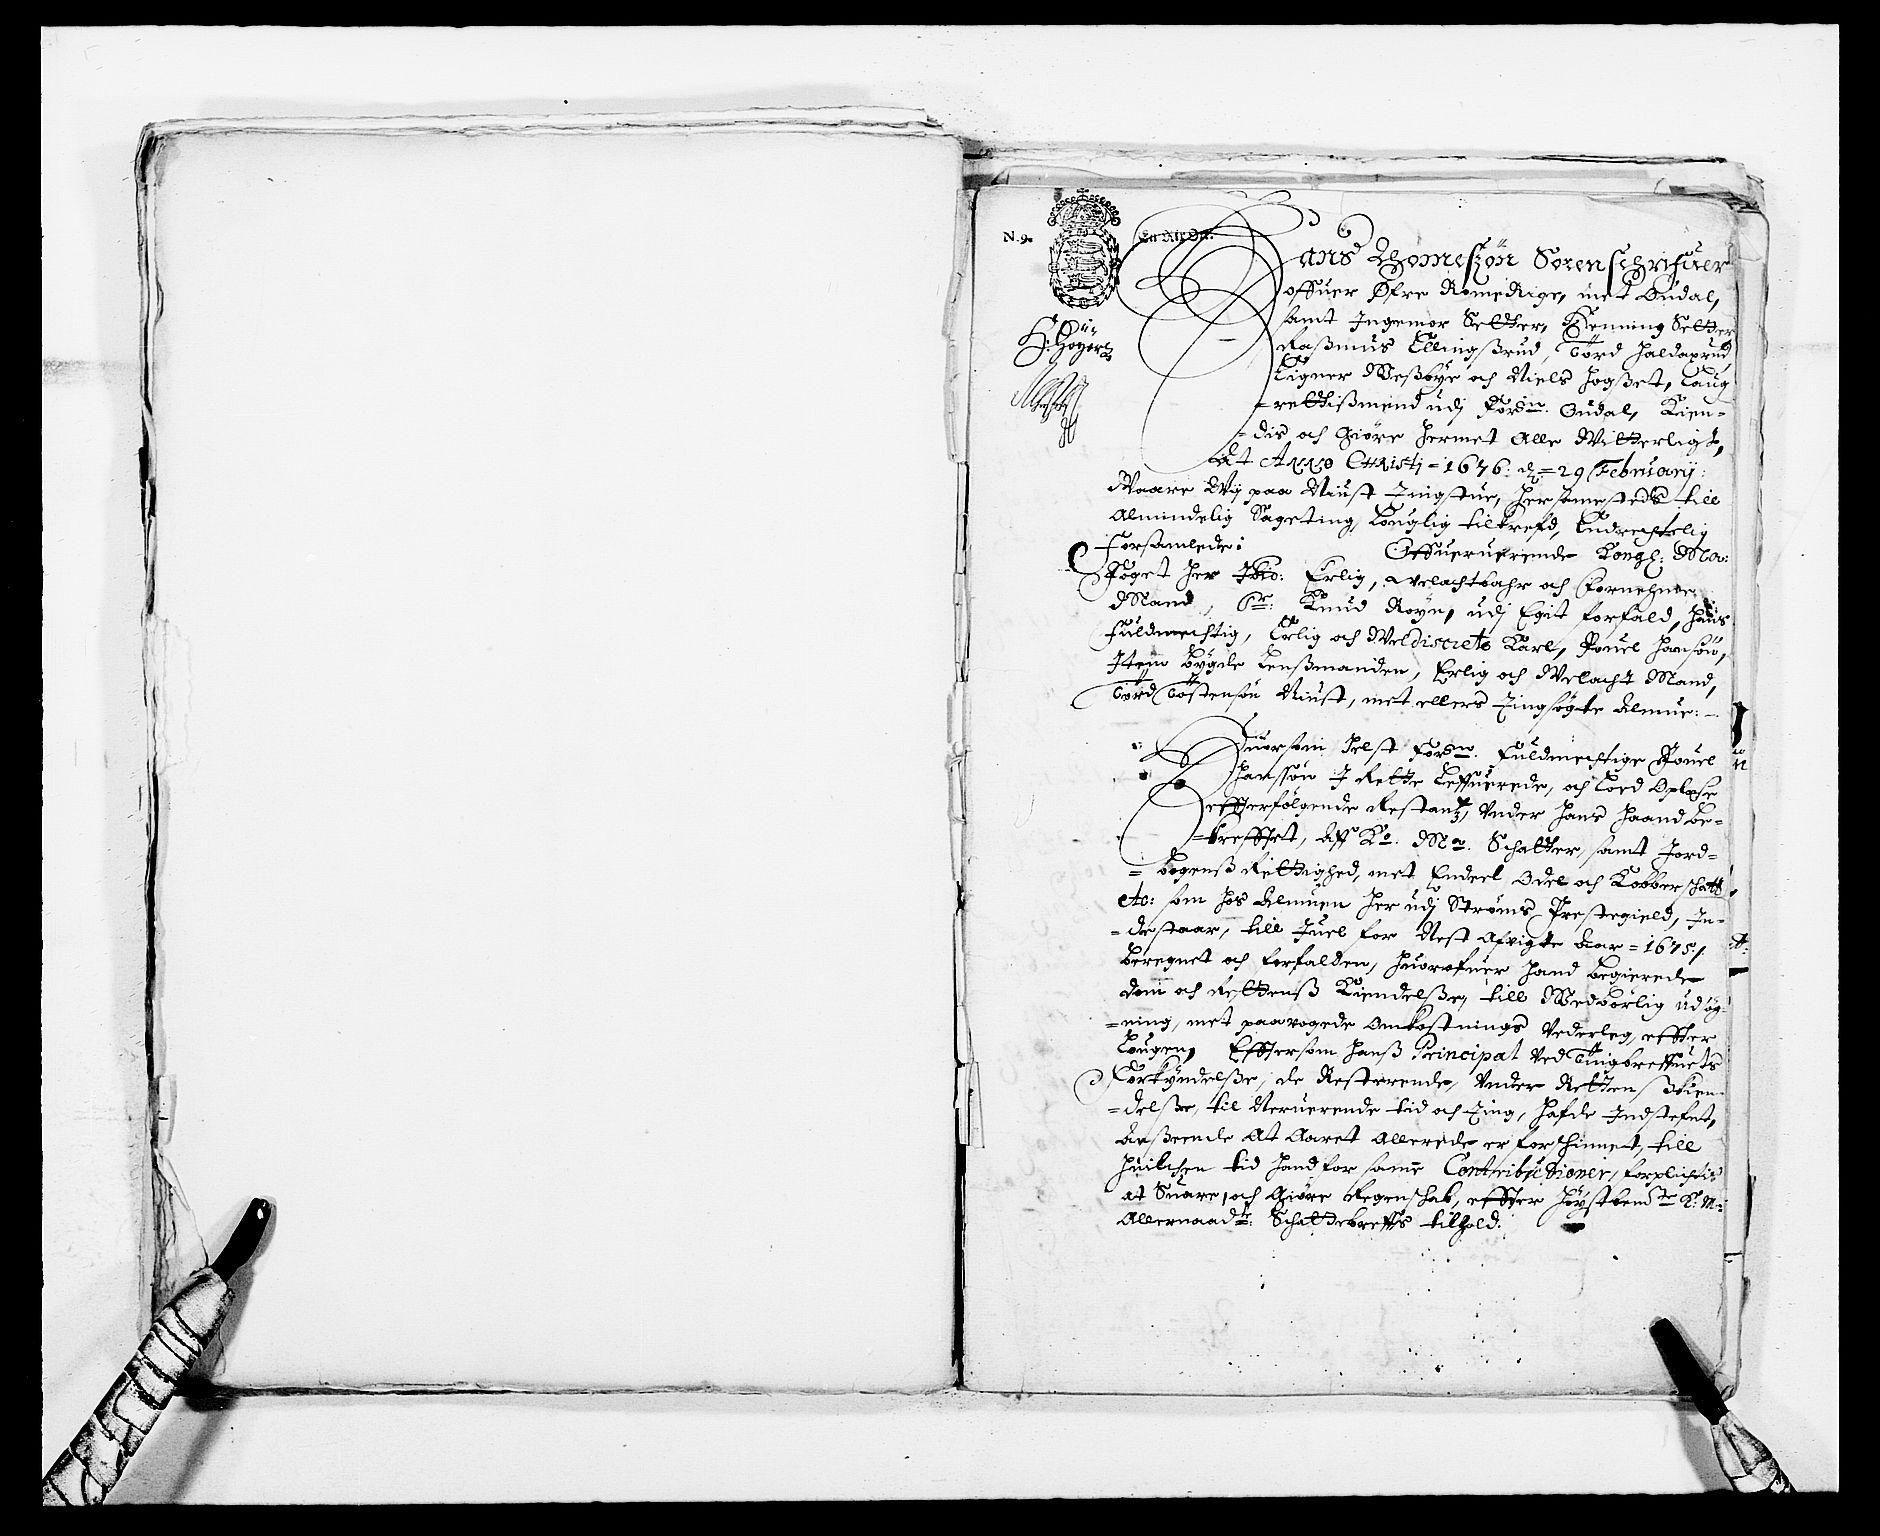 RA, Rentekammeret inntil 1814, Reviderte regnskaper, Fogderegnskap, R13/L0812: Fogderegnskap Solør, Odal og Østerdal, 1676, s. 165